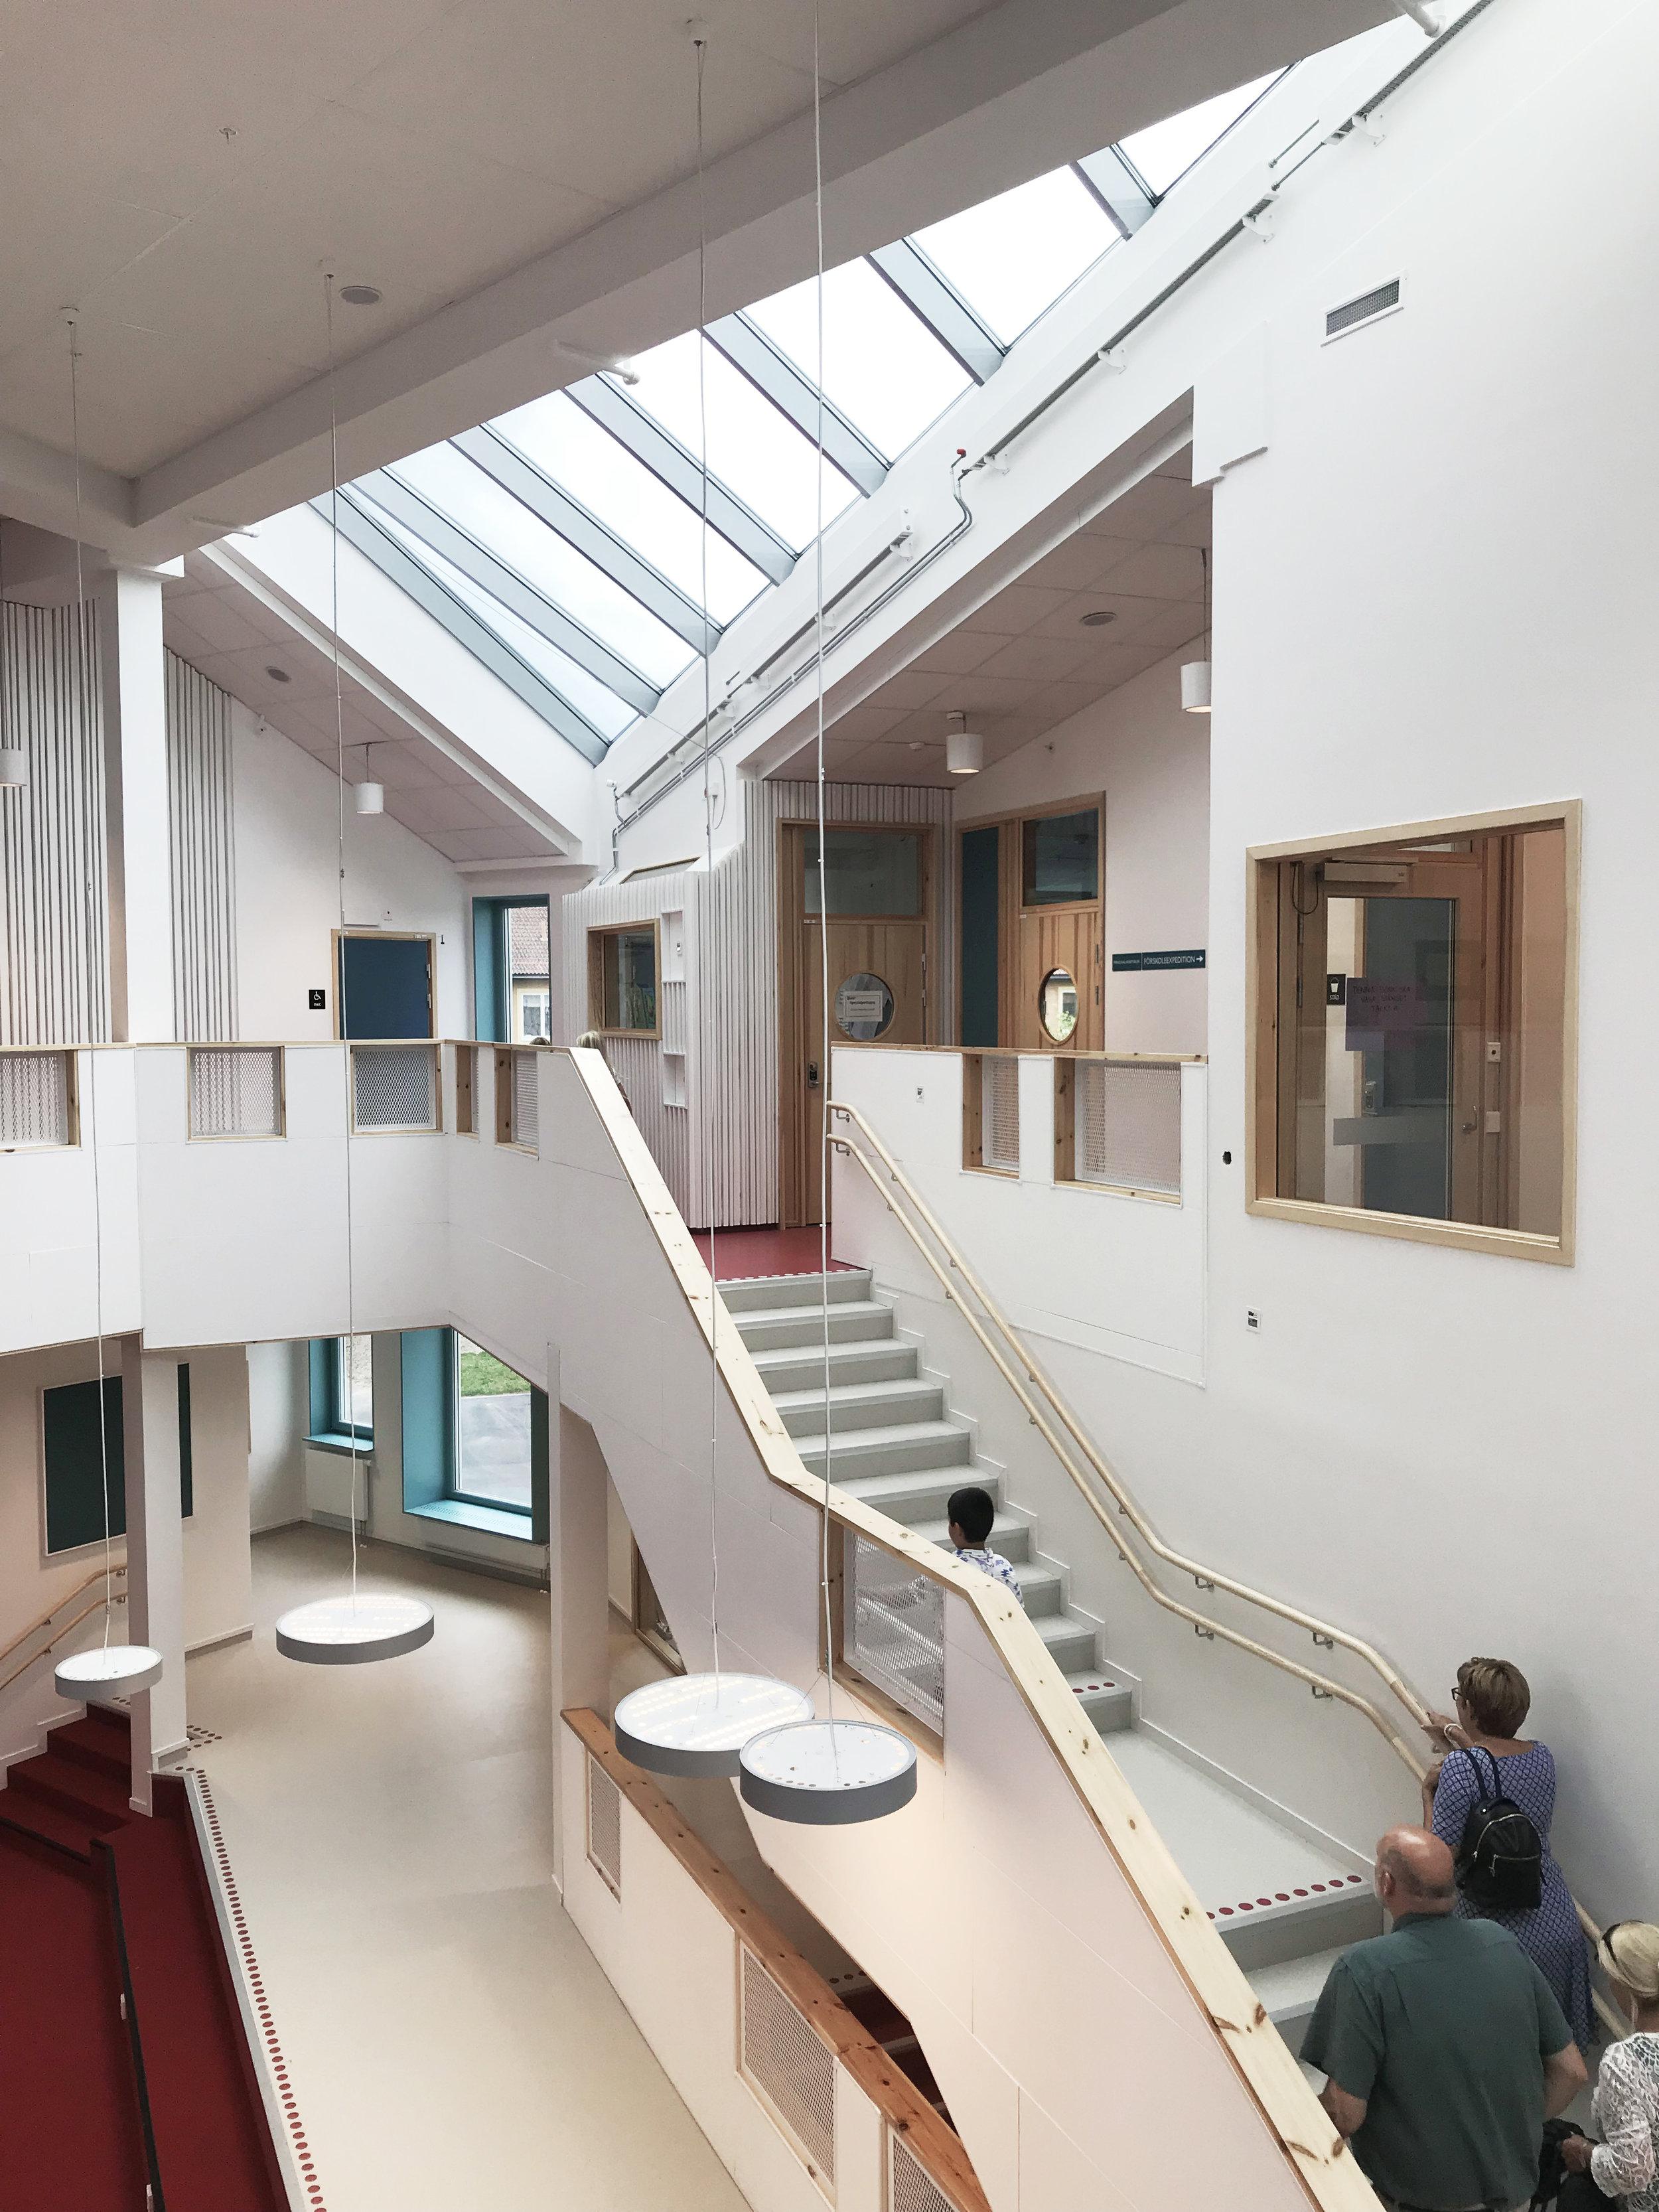 Det centrala rummet är öppet i två plan och får överljus från högt sittande takfönster.